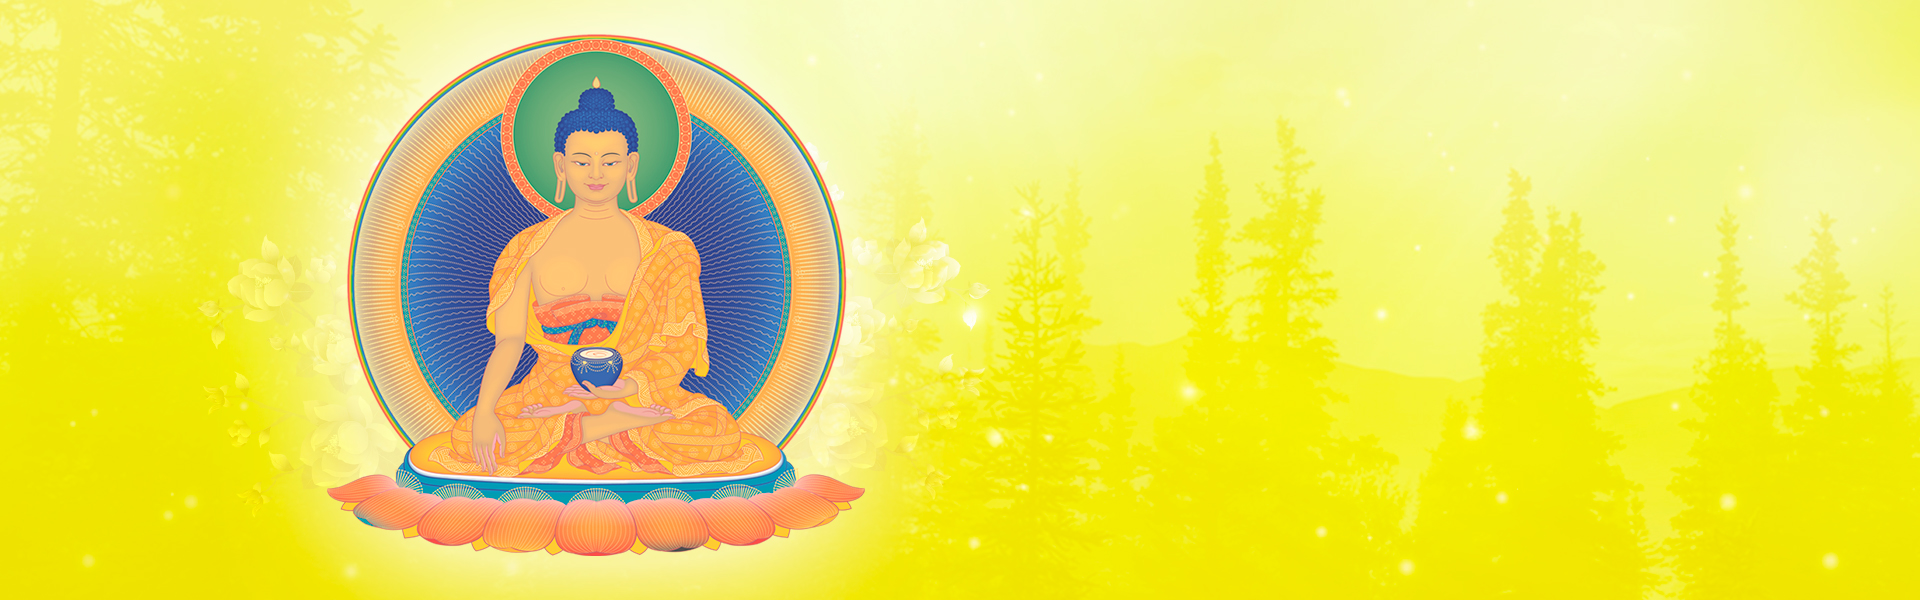 Meditación & Budismo Moderno